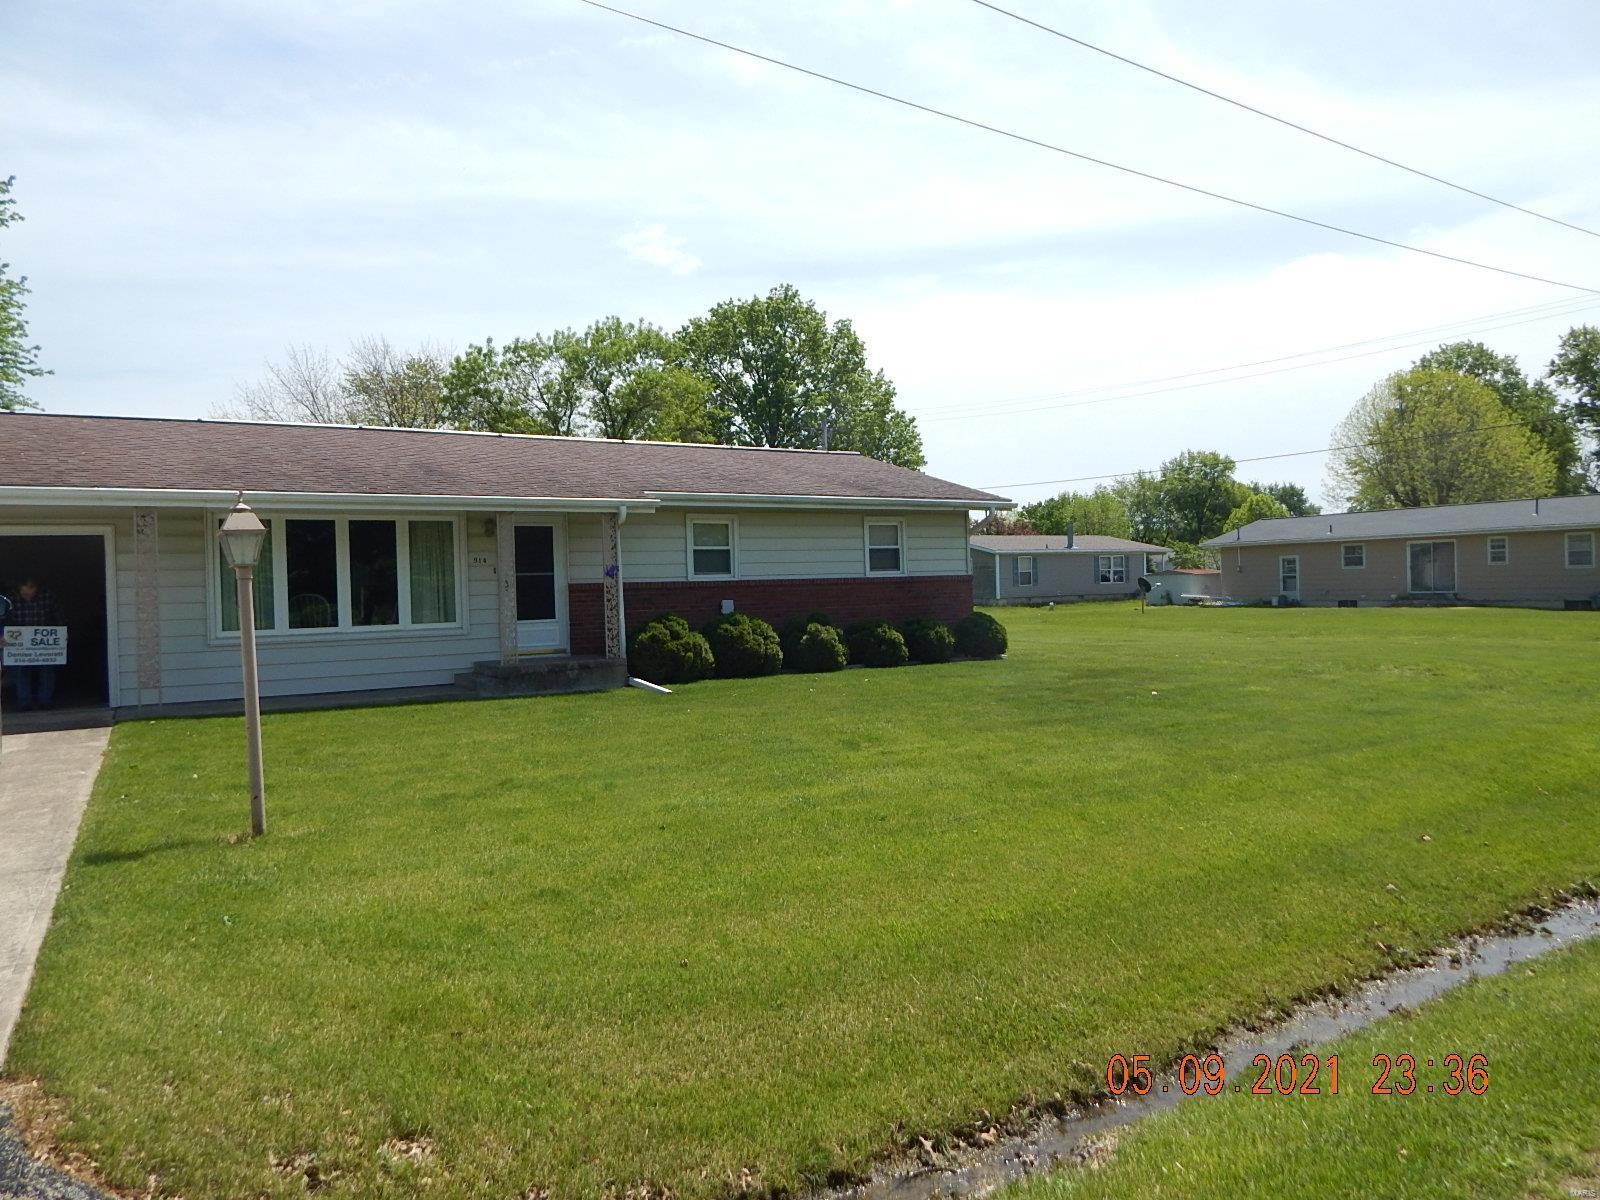 914 N Oak Property Photo - Vandalia, MO real estate listing